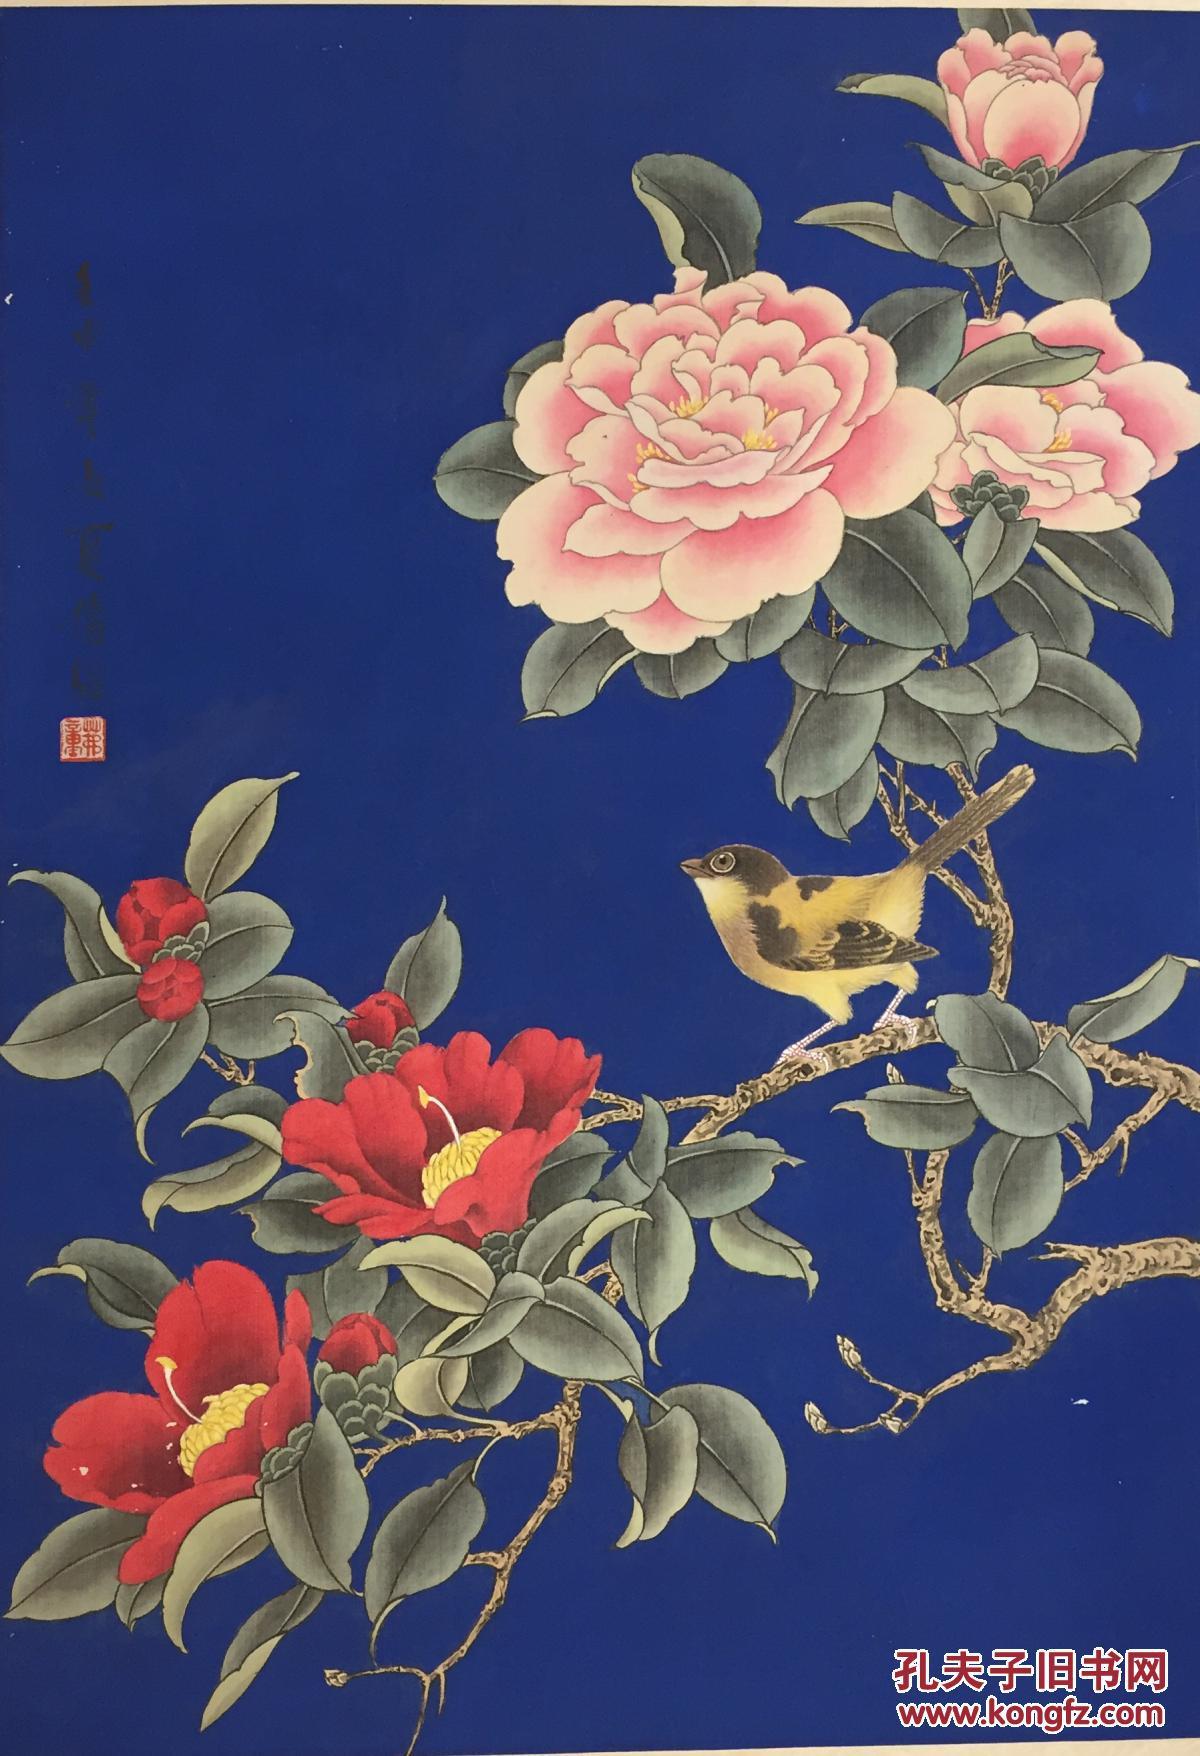 赵毅《工笔花卉》文物店旧藏,带店签,来源清晰可靠图片